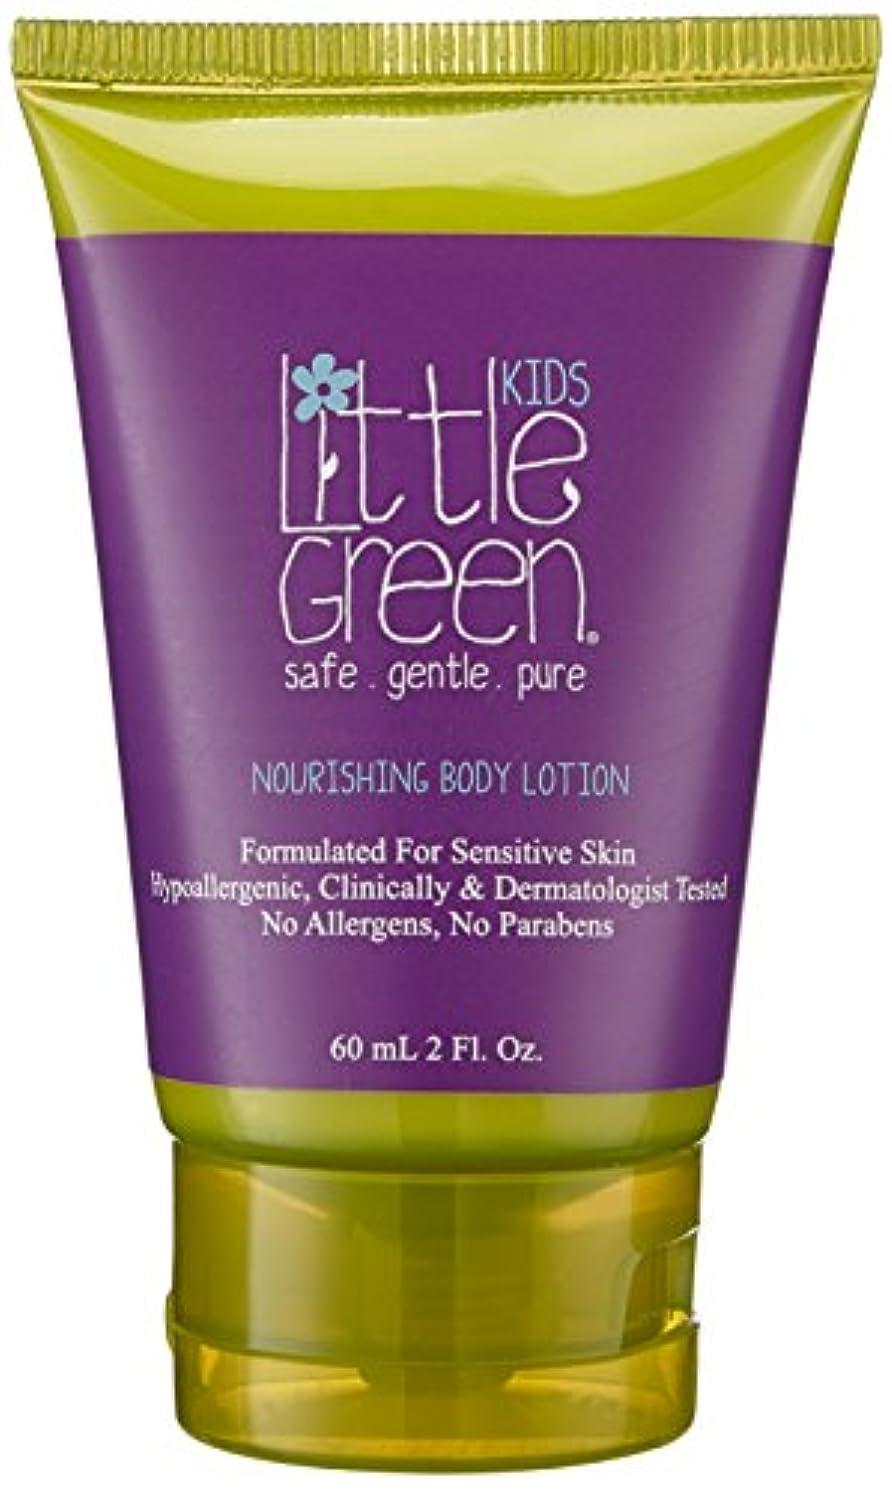 ラッシュあごコンパクトLittle Green ボディローション、2オズ栄養キッズ。 2オンス 緑